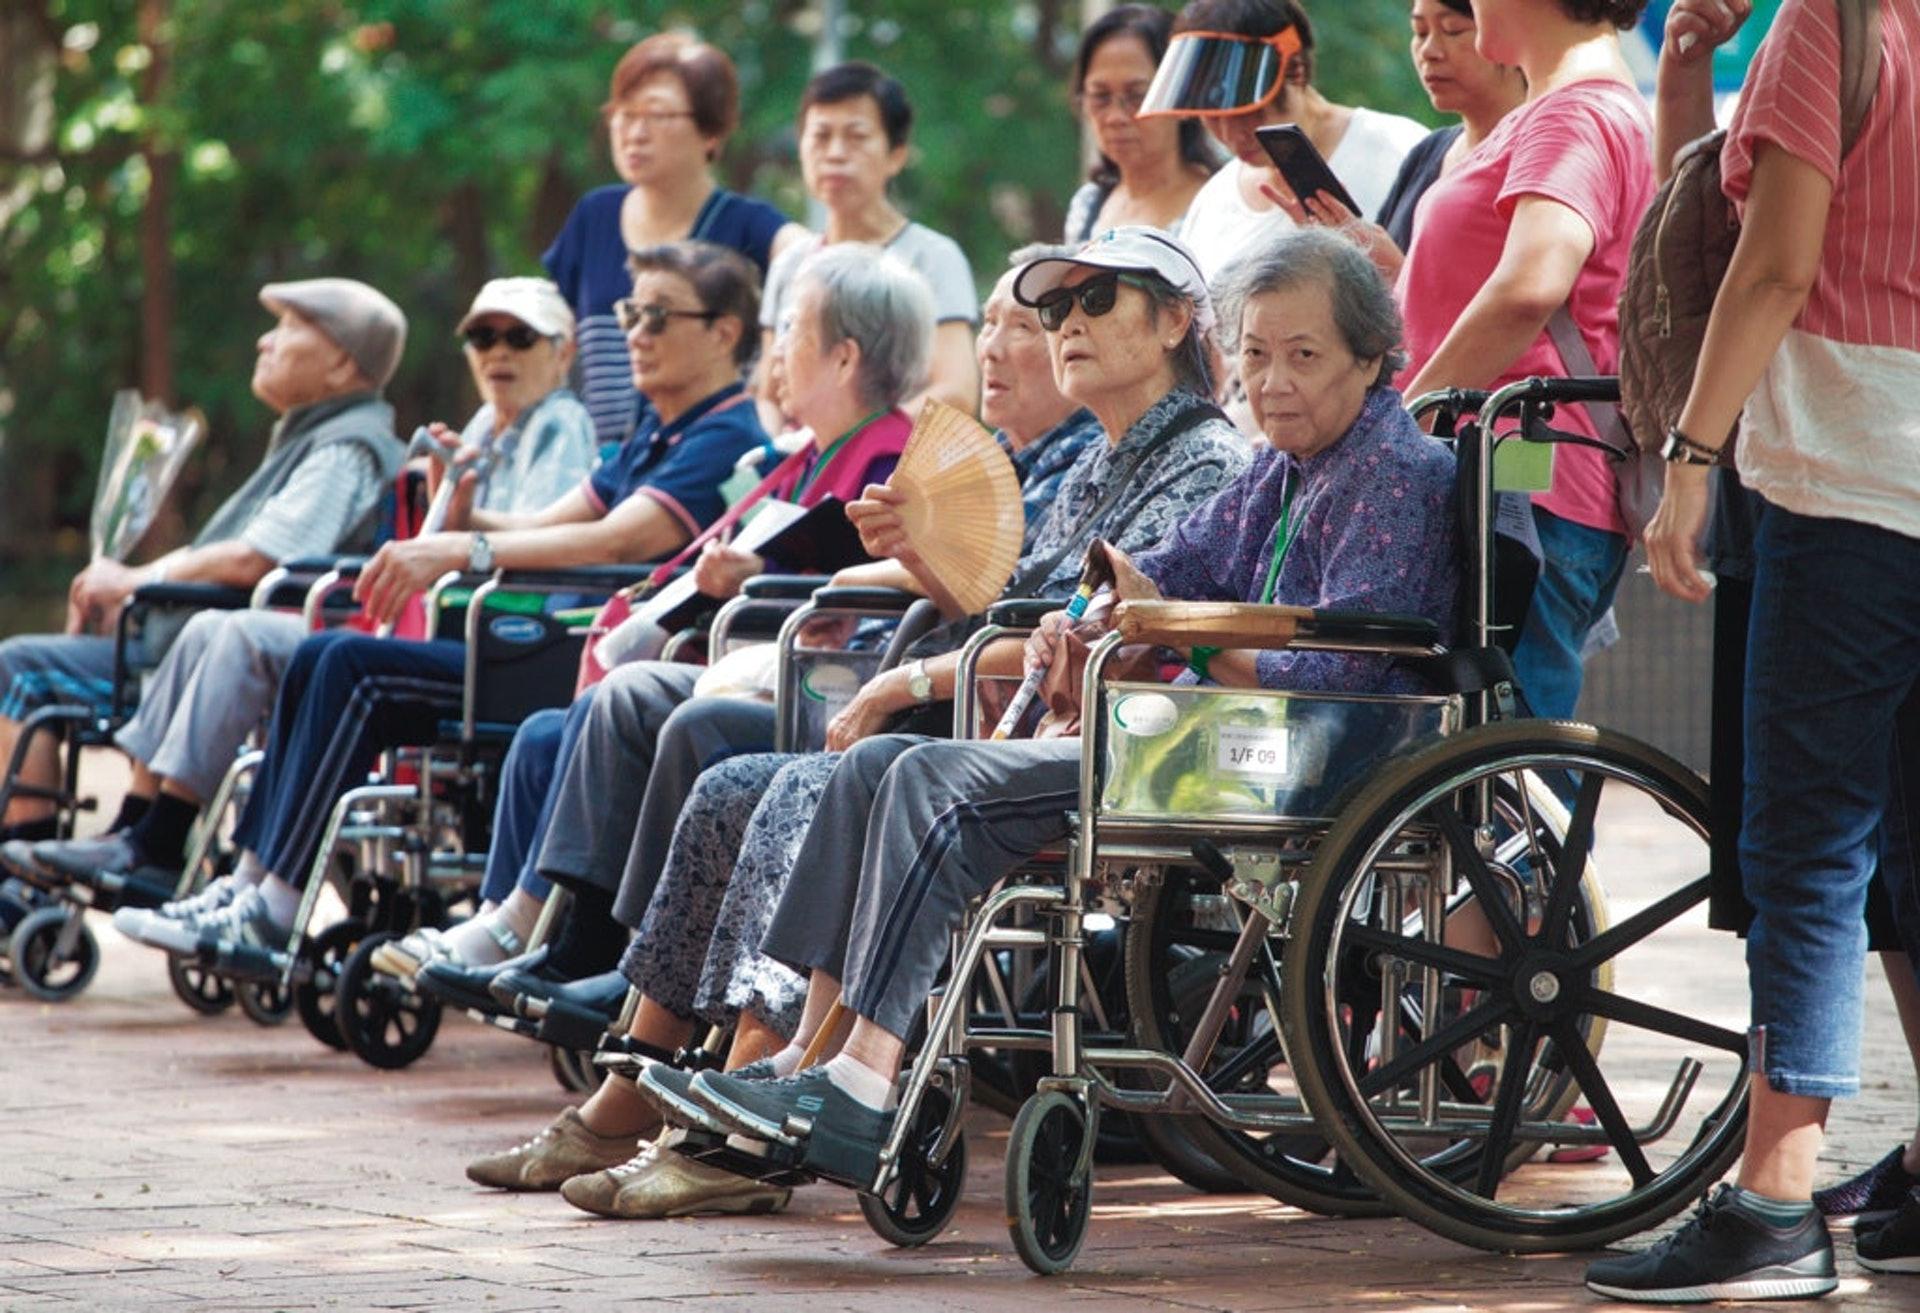 九龍西區人口有約116萬人,其中18萬人為長者,長者中又有5萬多人處於貧窮。(資料圖片)